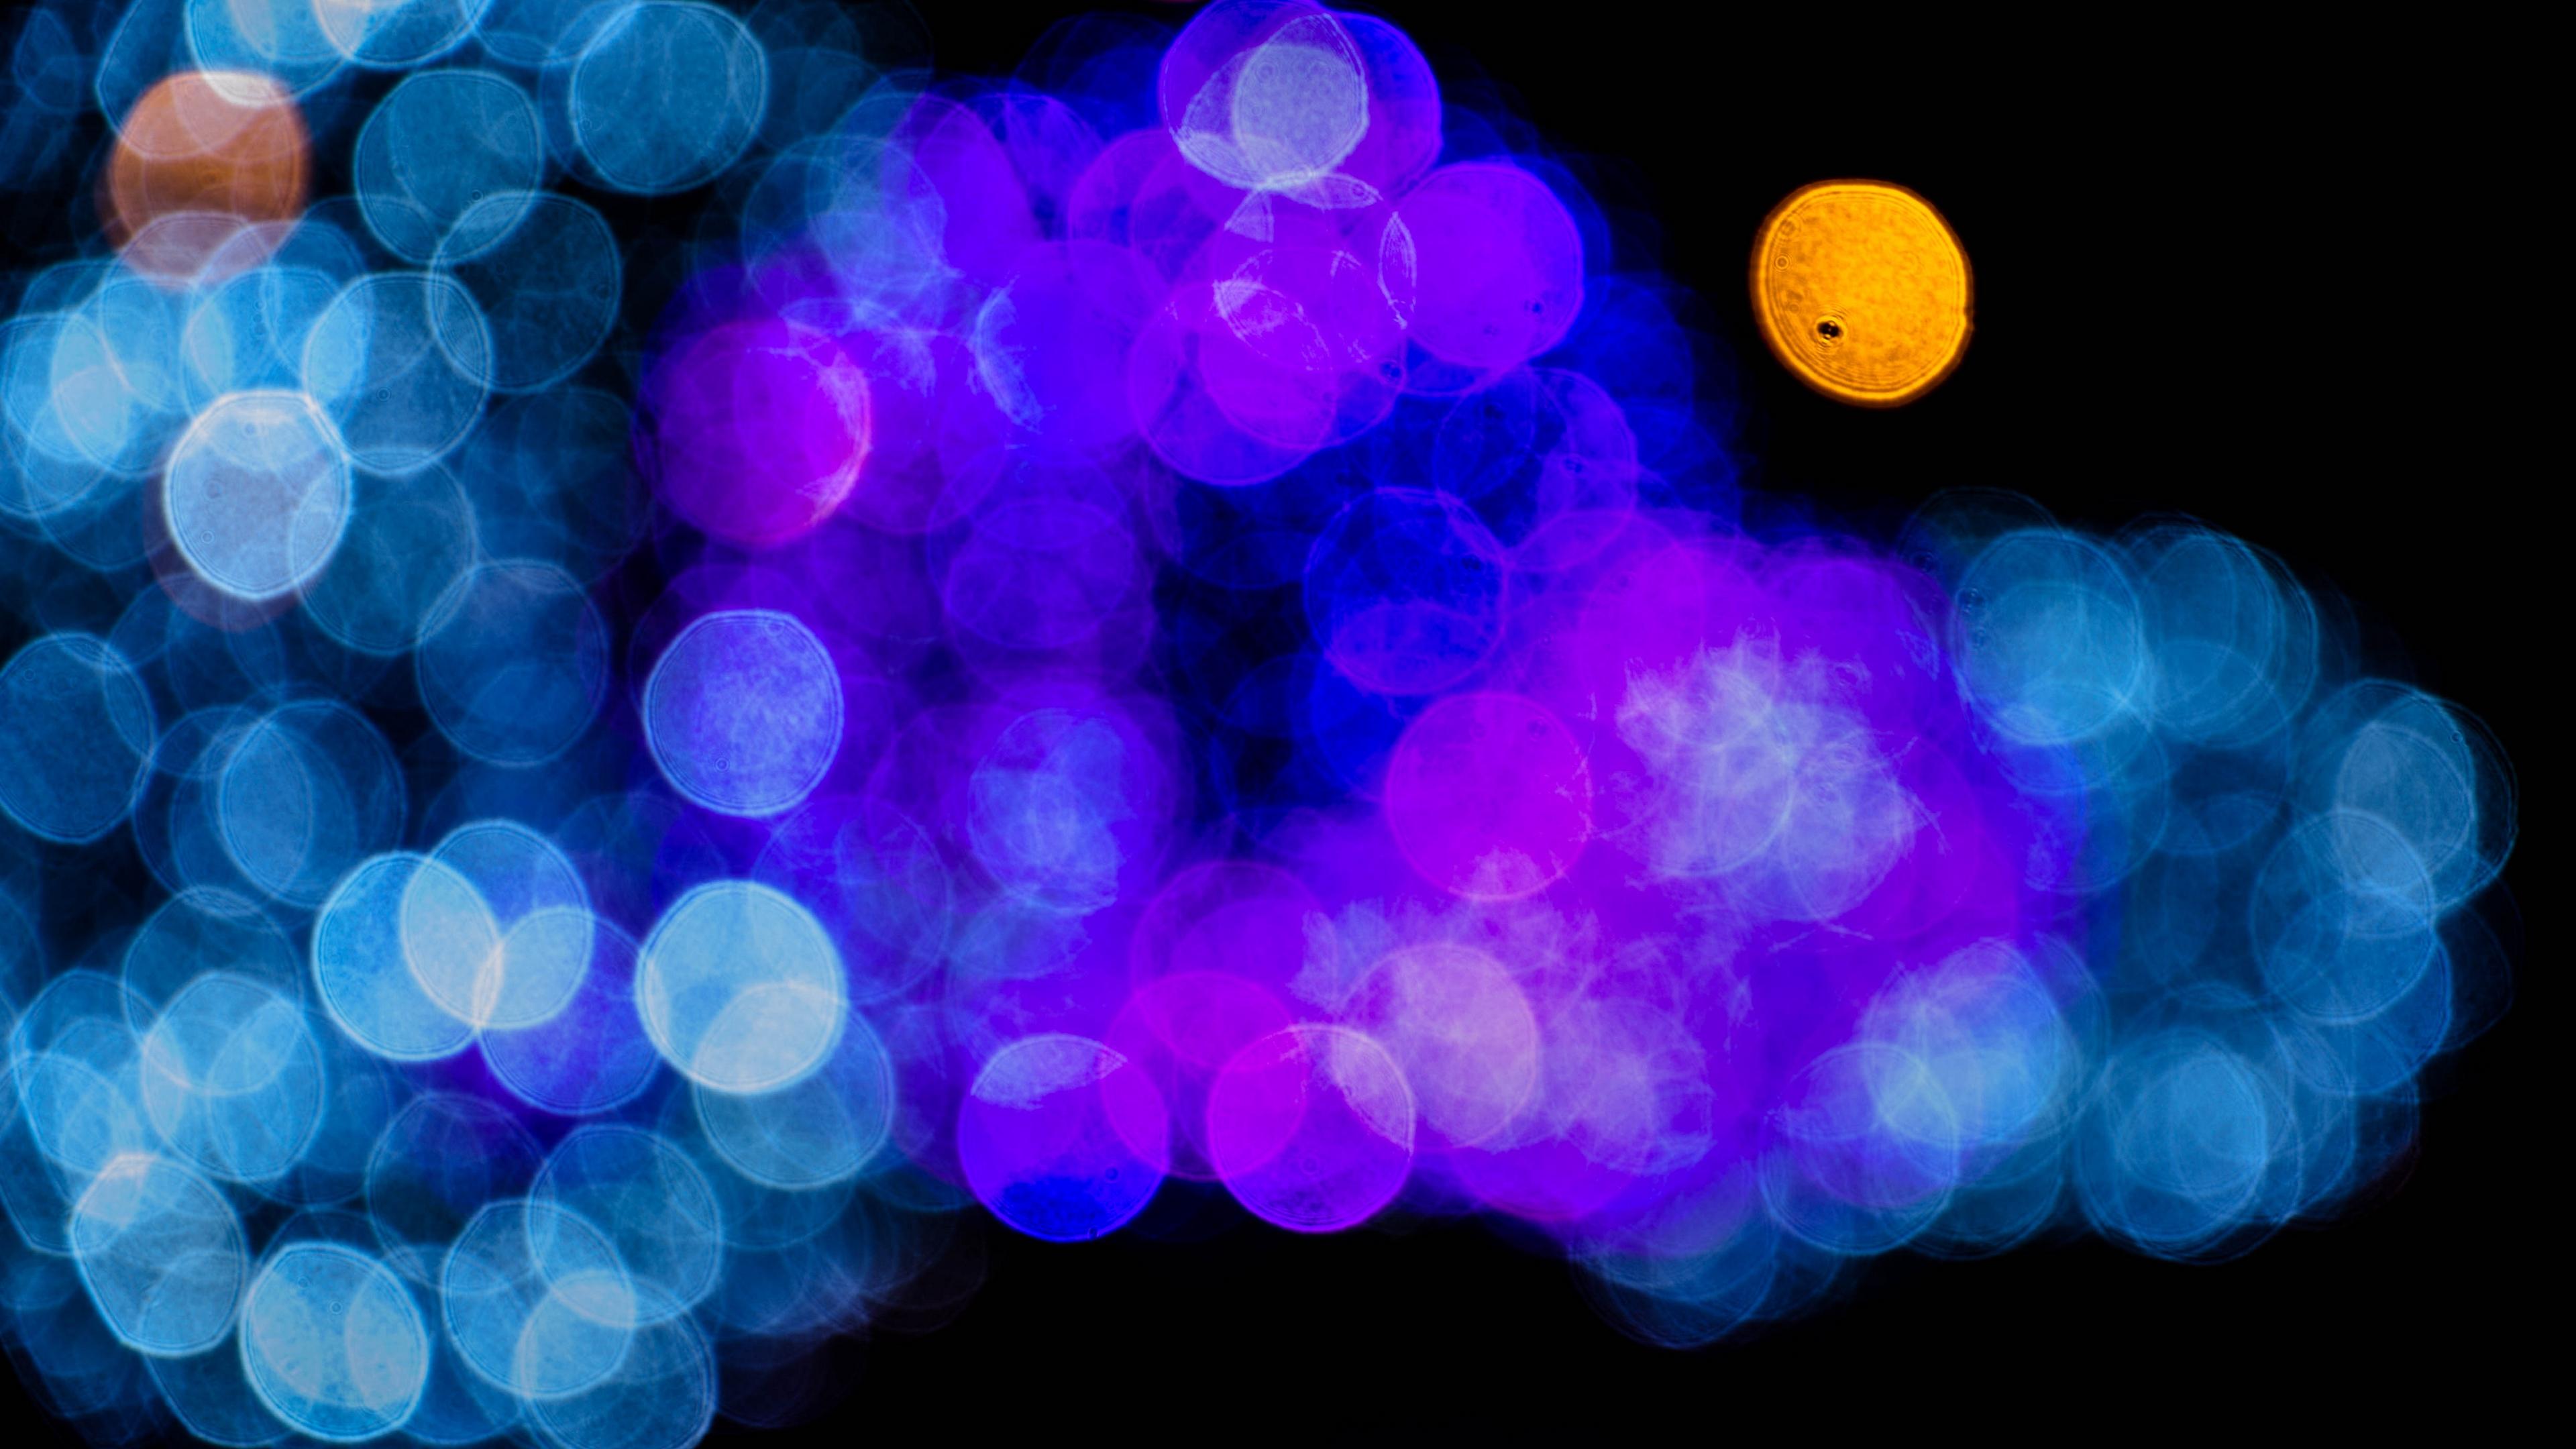 highlights circles blue cyan 4k 1539369986 - highlights, circles, blue, cyan 4k - highlights, Circles, blue